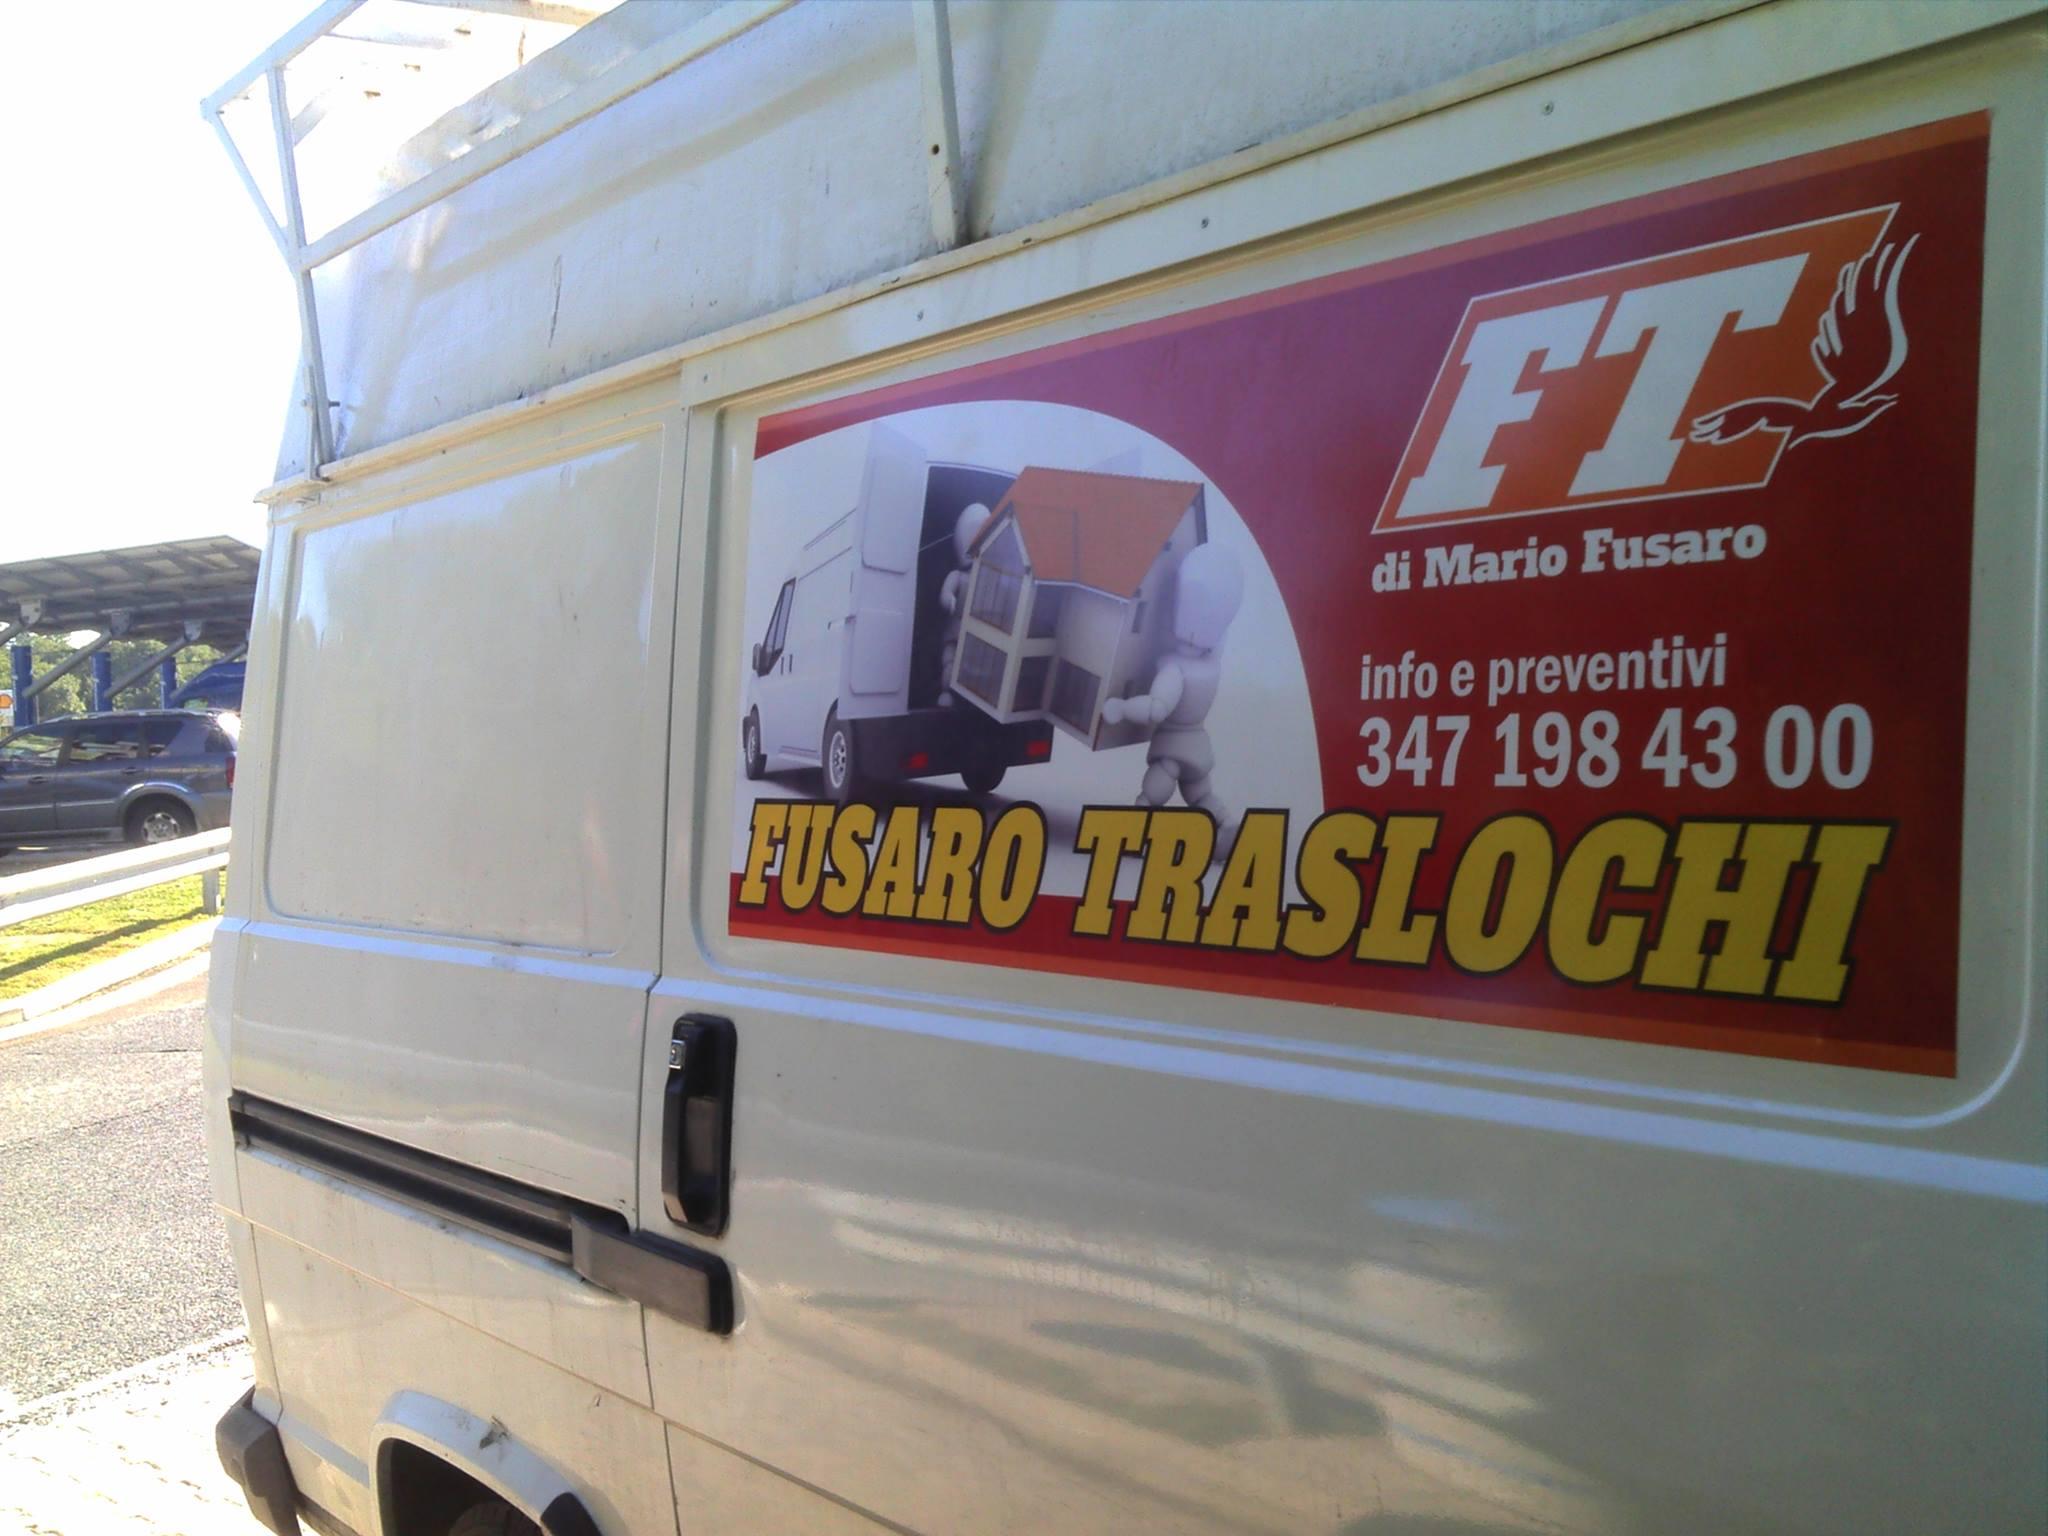 furgone traslochi bianco